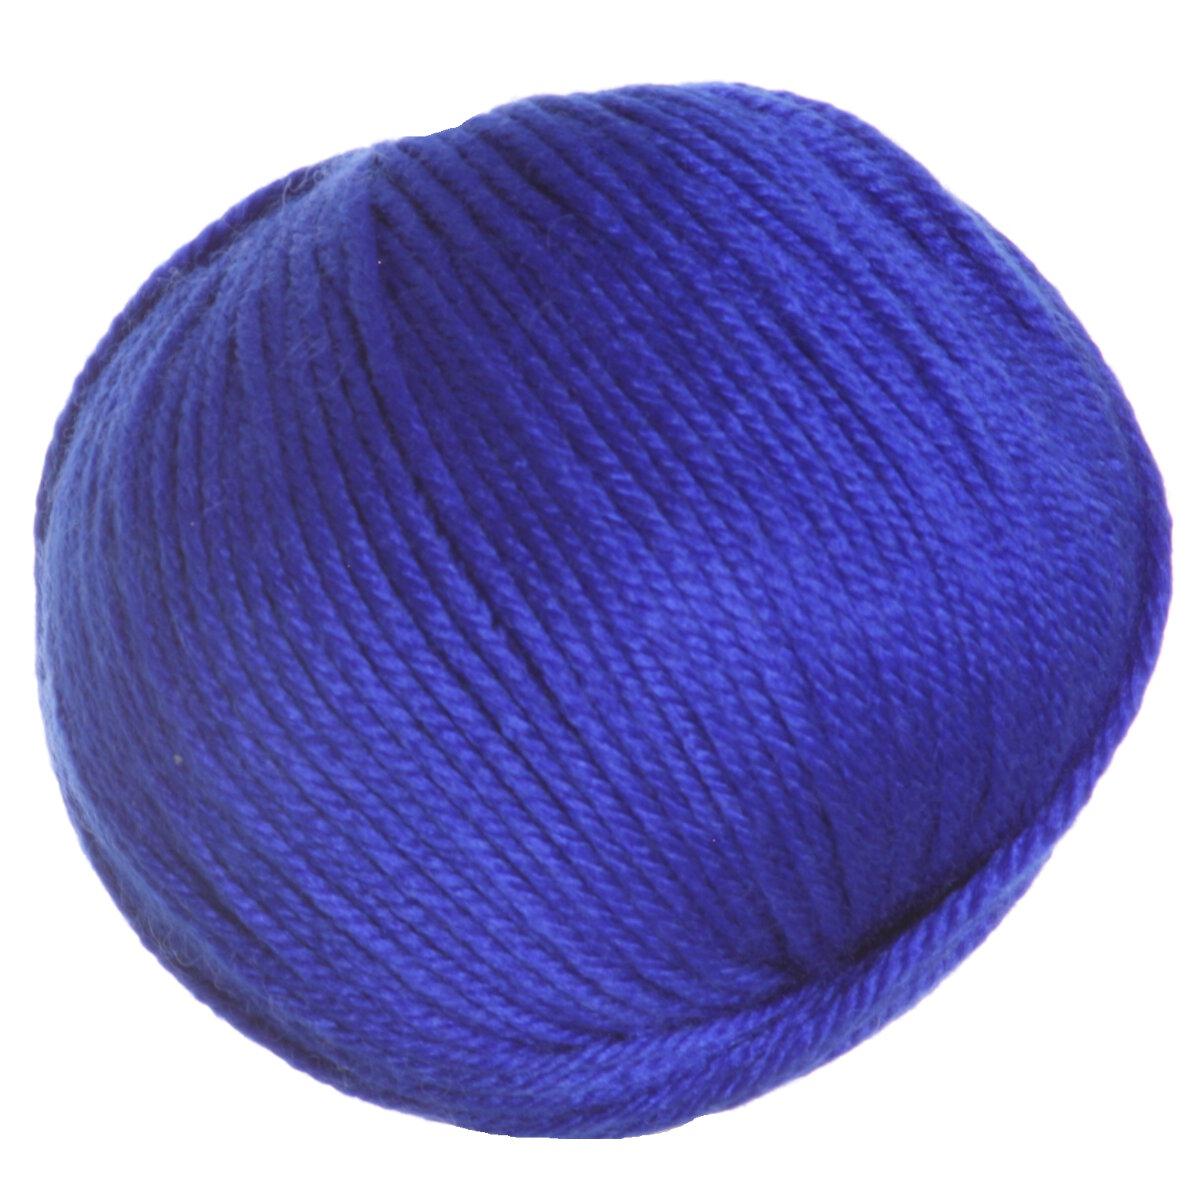 Squishy Yarn : Ella Rae Cozy Soft Chunky Yarn - 224 Royal Breeze at Jimmy Beans Wool